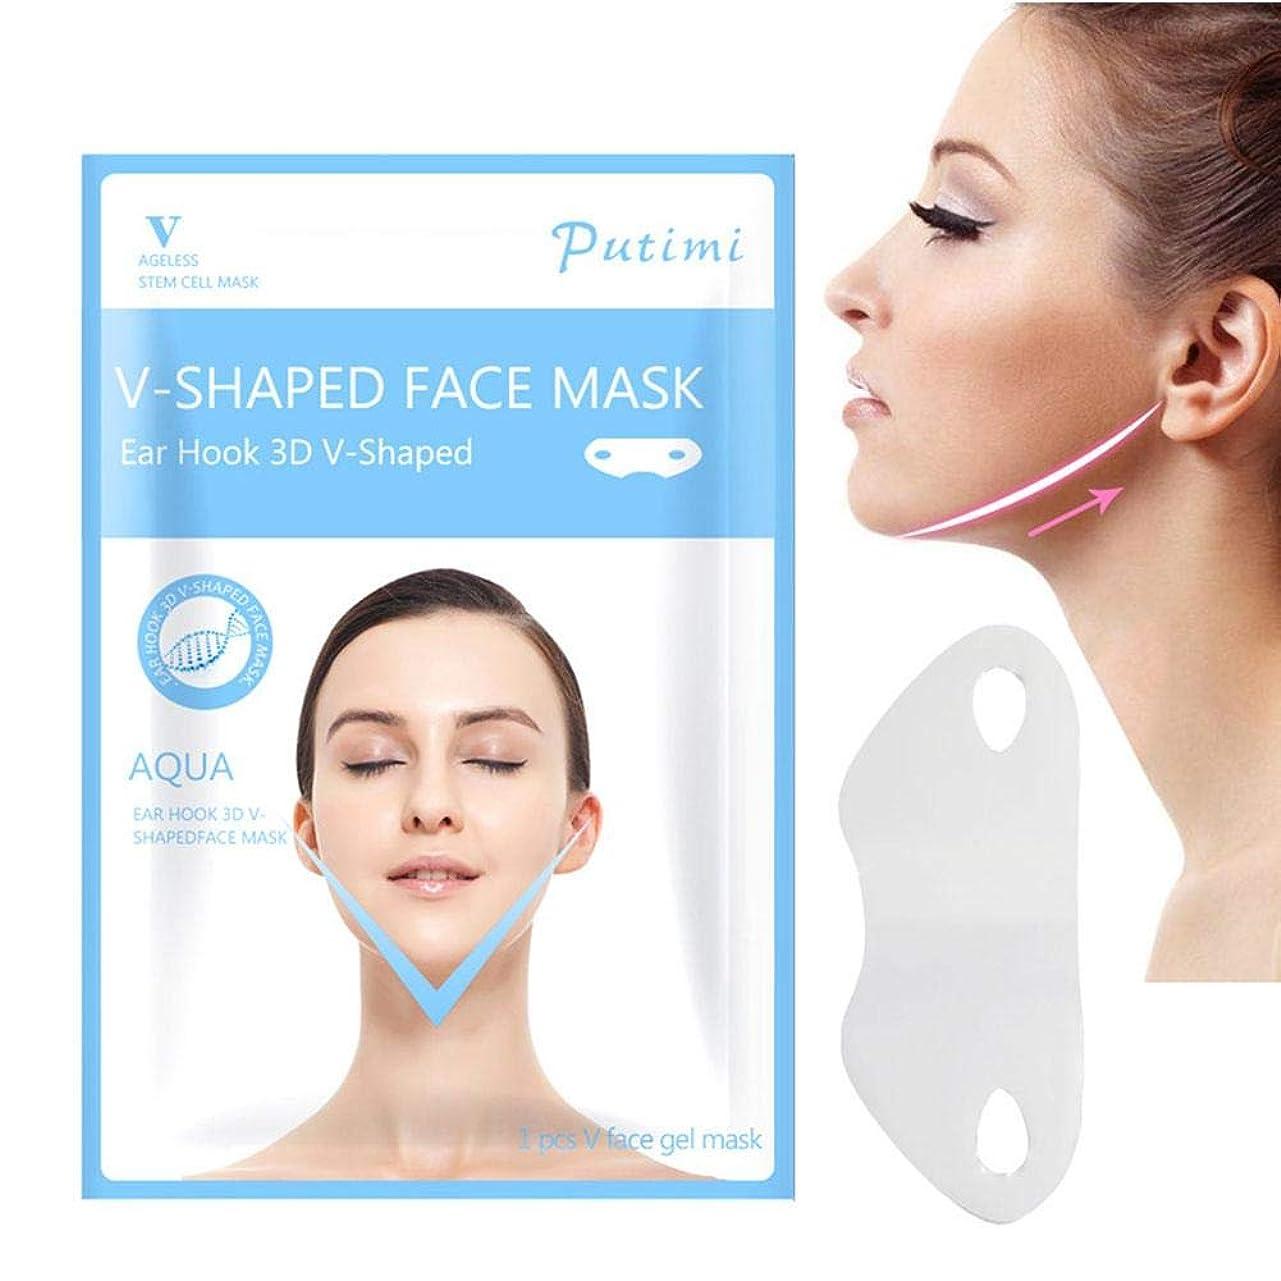 調べるワゴンメイドSILUN 最新型 Vフェイシャルマスク フェイスマスク 小顔 マスク フェイスラインベルト 美顔 顔痩せ 保湿 血行を促進する 睡眠マスク